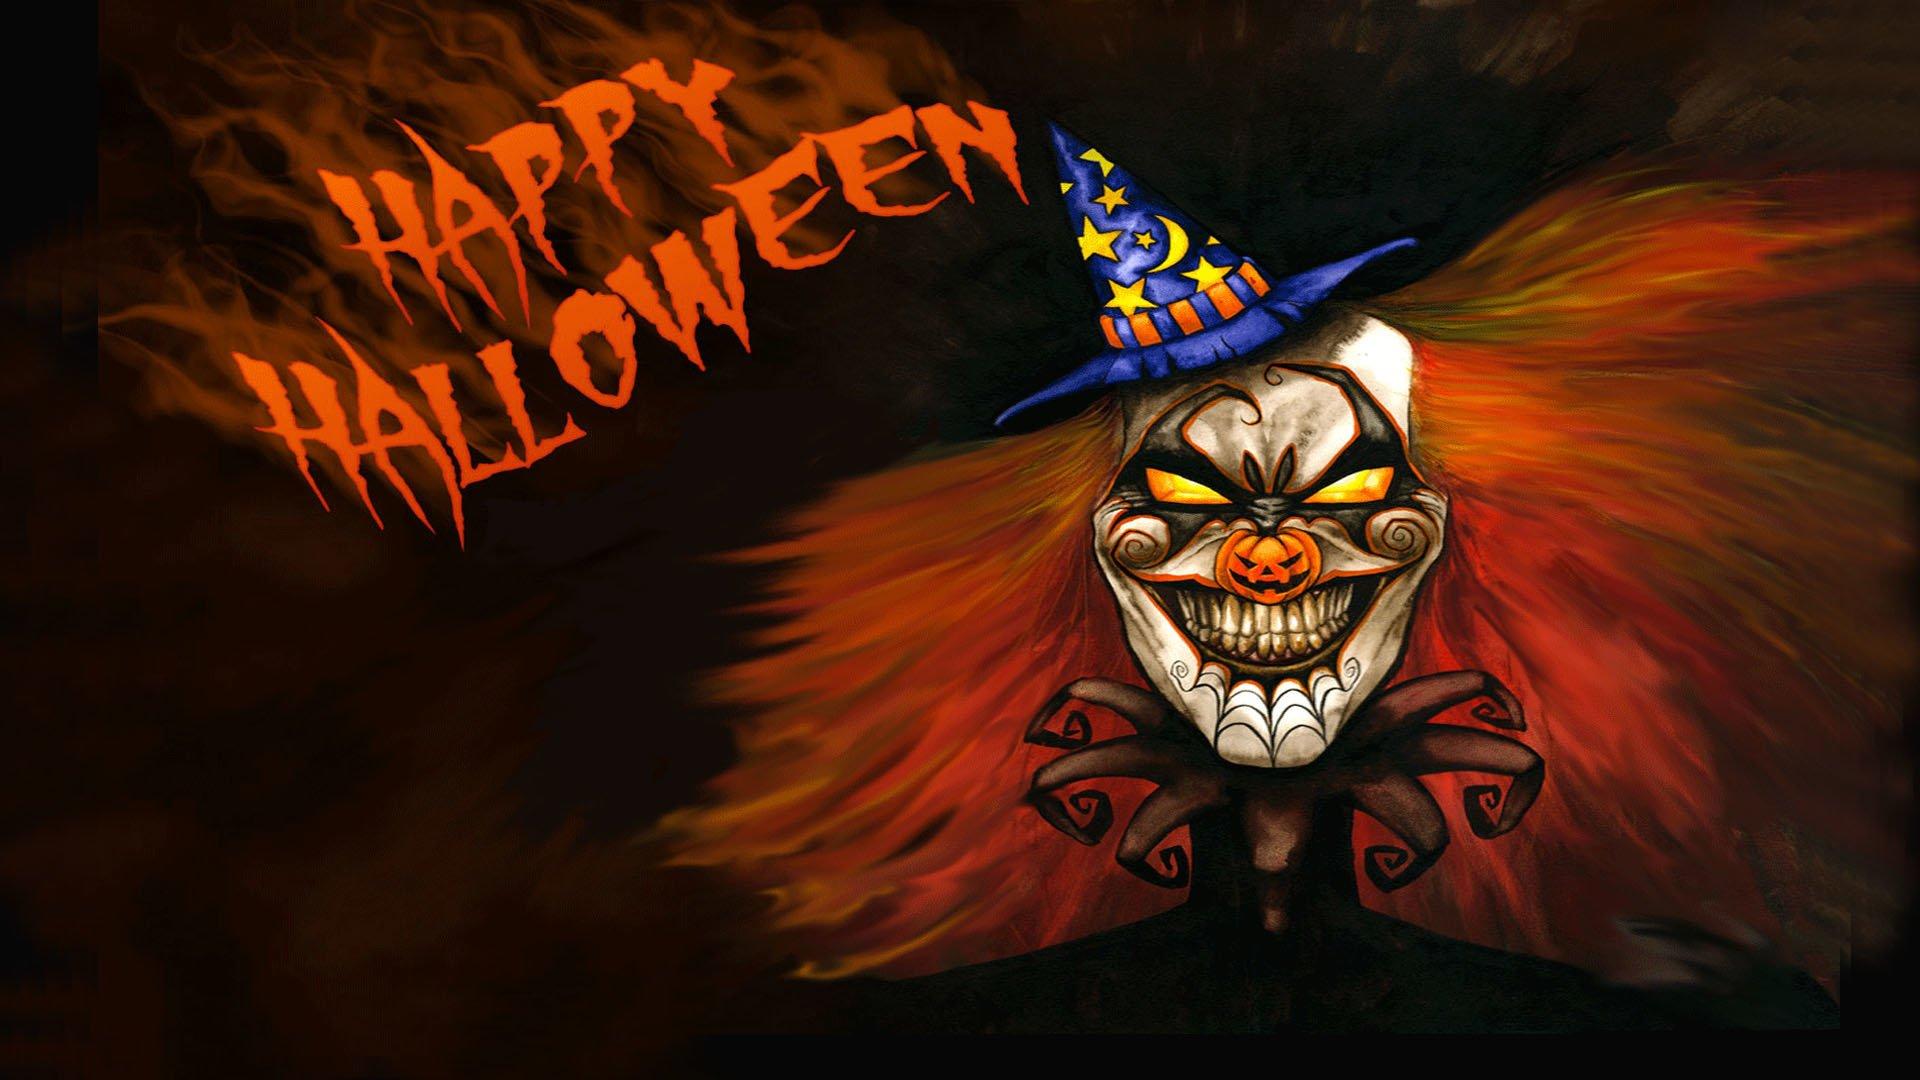 halloween hd wallpapers #10